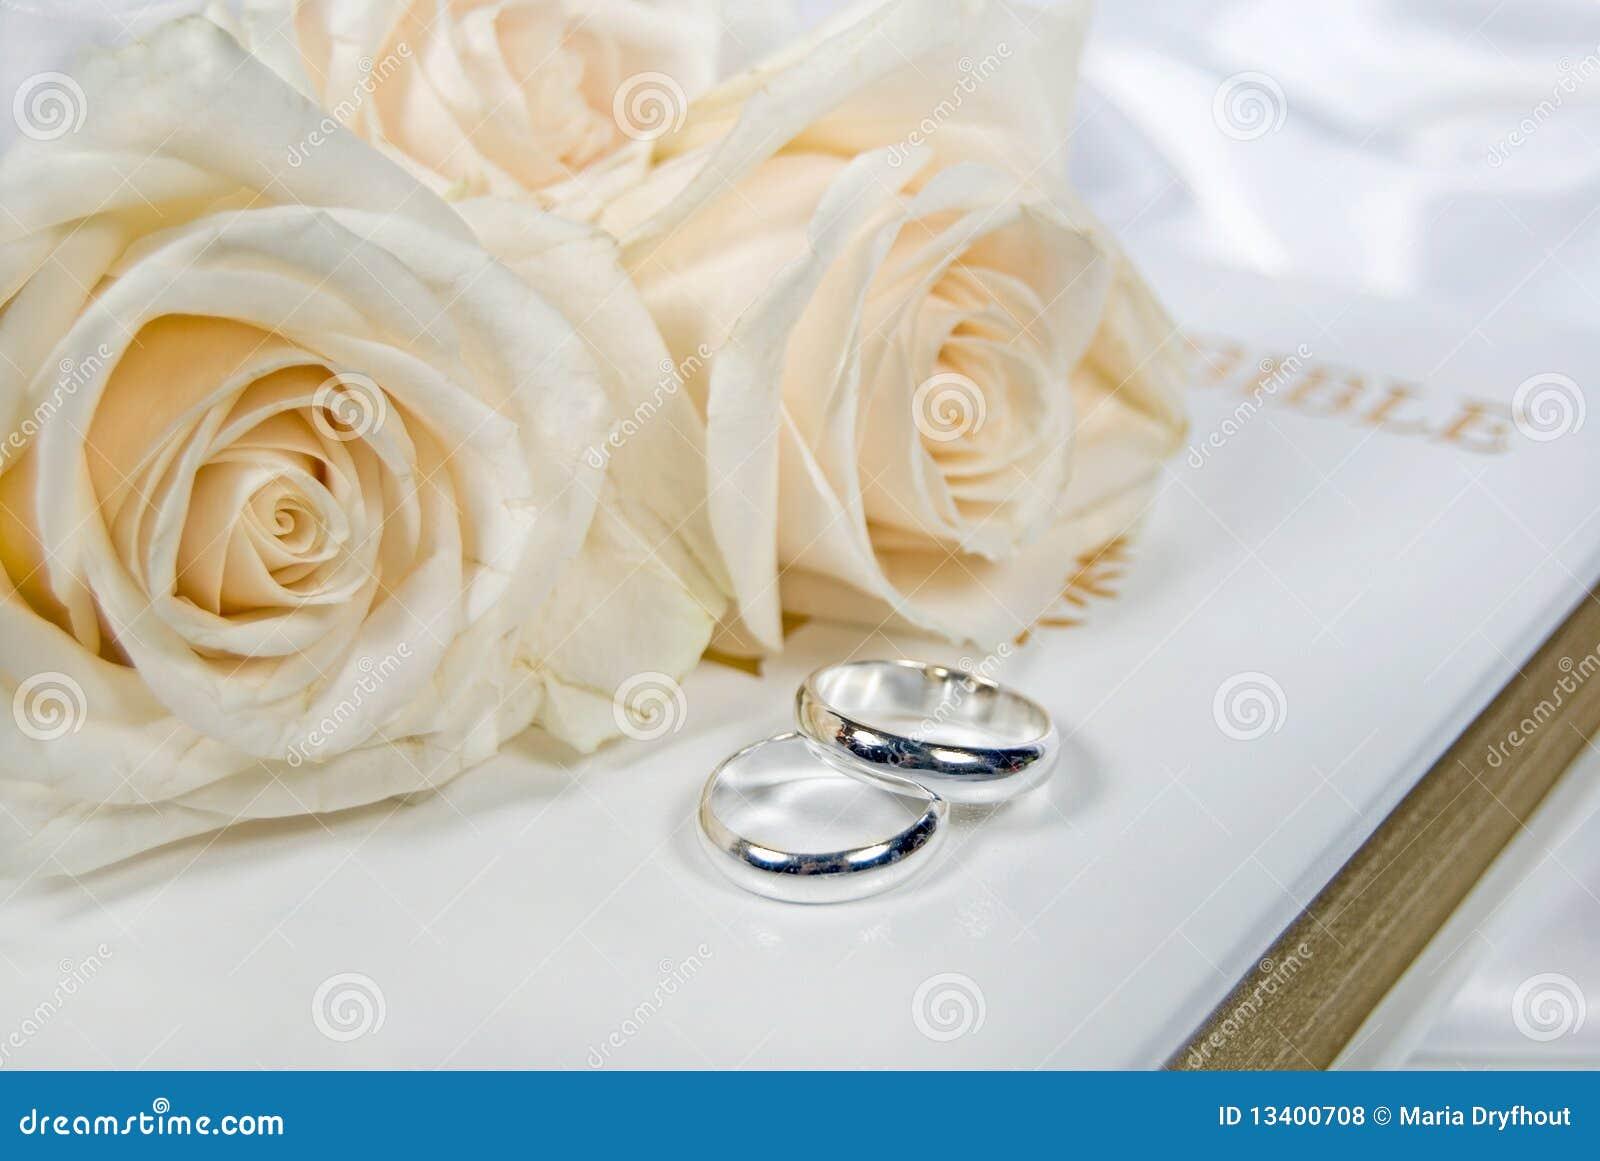 El Matrimonio Santa Biblia : Matrimonio santo foto de archivo imagen de muestra pureza